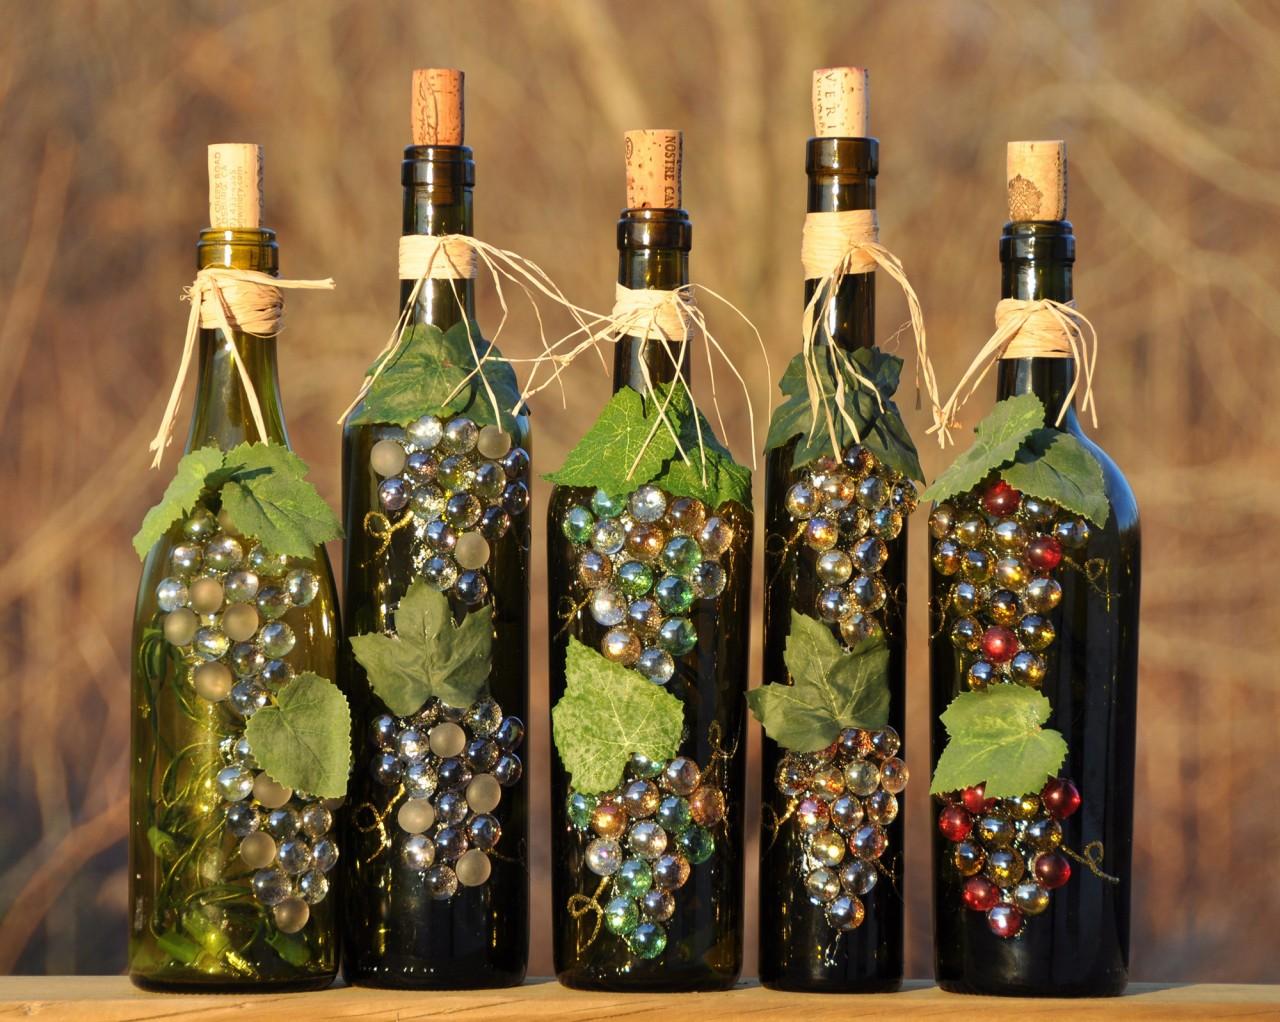 Декор бутылок под виноградные гроздья